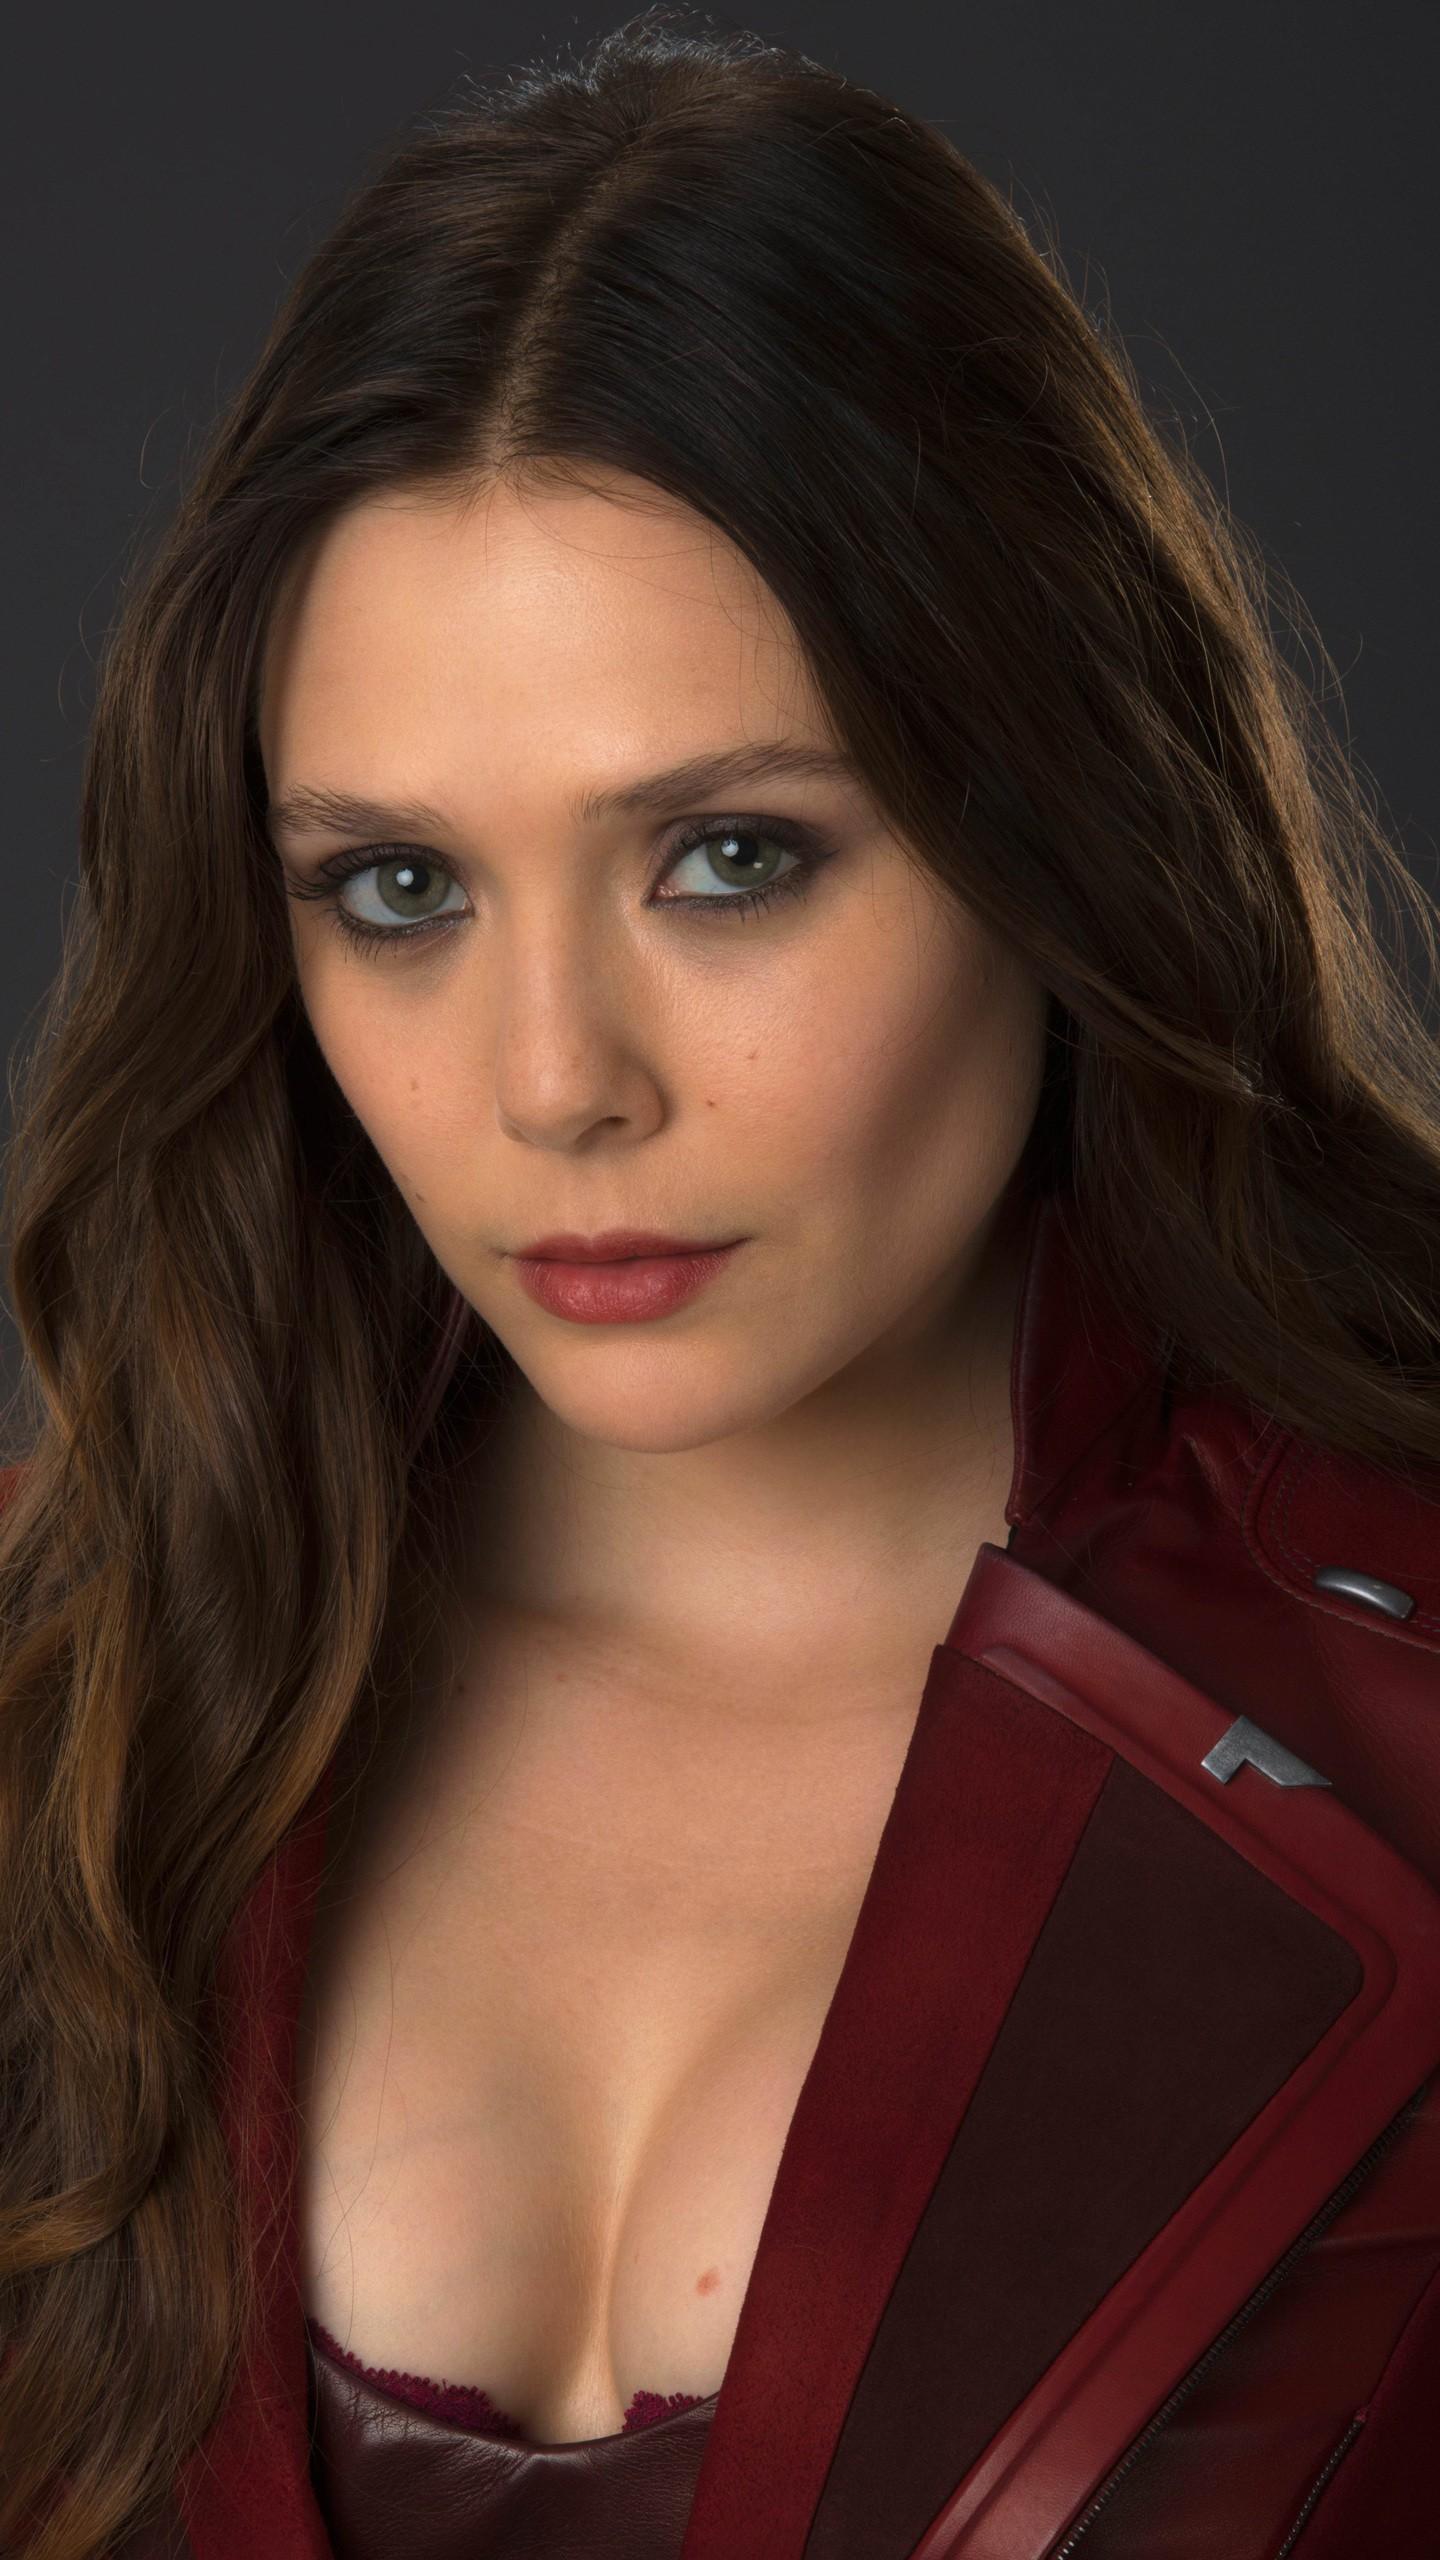 Mỹ nhân mạnh nhất Avengers khiến triệu khán giả mất tập trung, Chris Evans trố mắt vì vòng 1 siêu khủng - Ảnh 1.